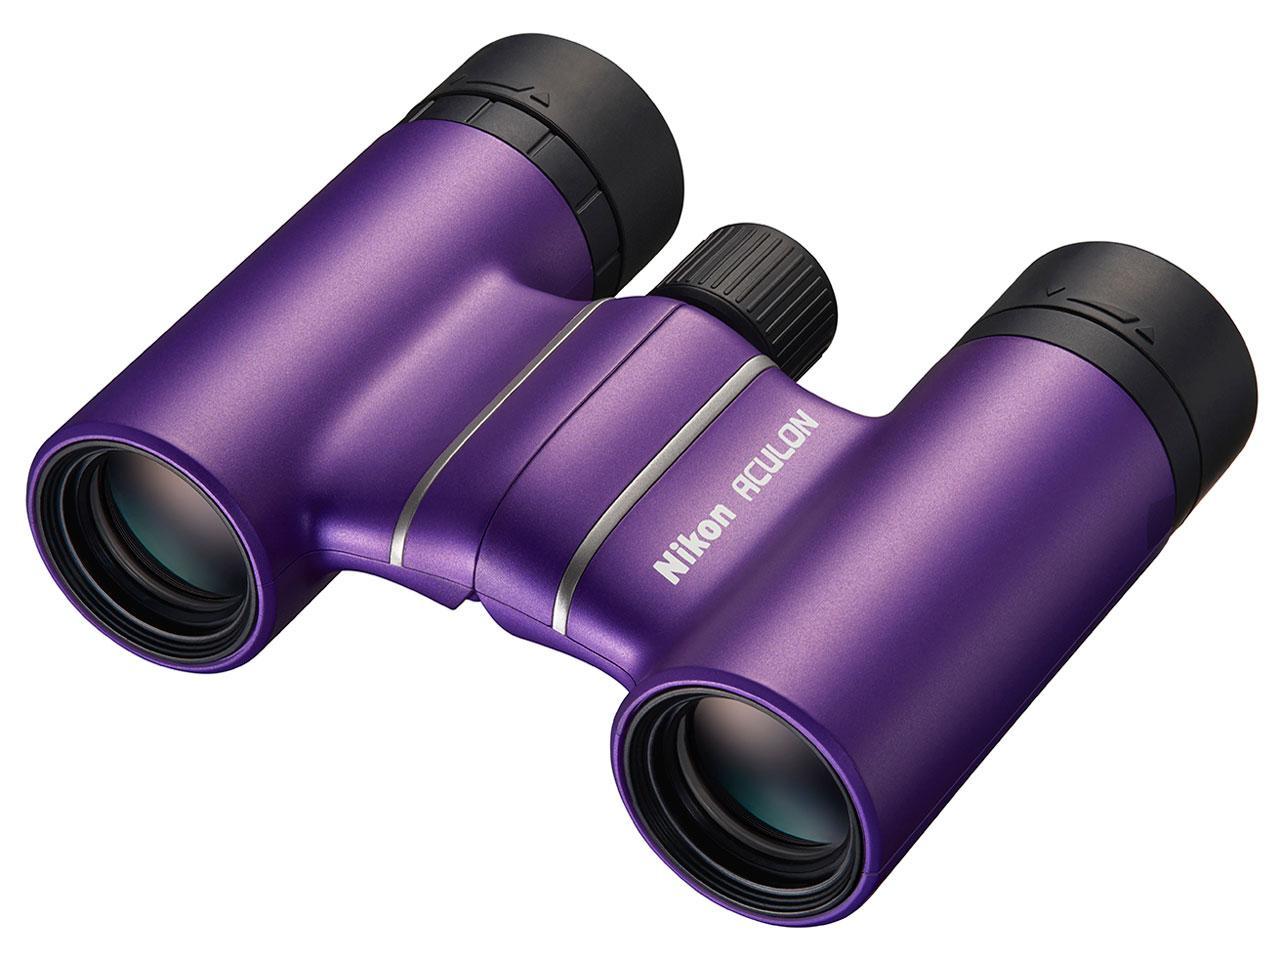 Nikon(ニコン) 8倍双眼鏡 アキュロンT02 8×21 PP (1468047)